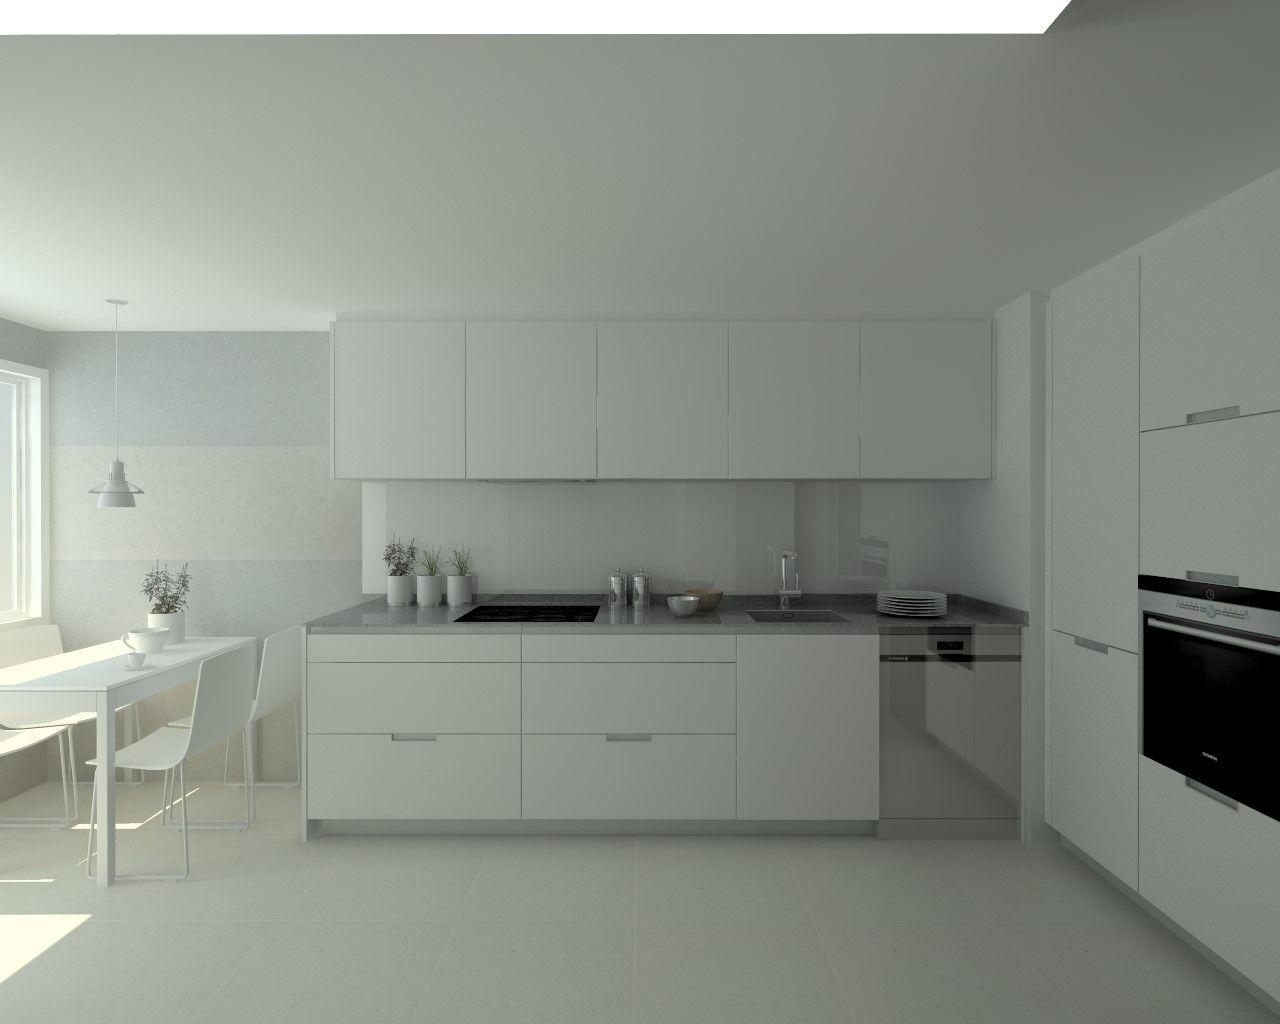 Modelo minos estratificado blanco perla encimera compac gris plomo ideas para cocinas - Encimeras compac precio ...